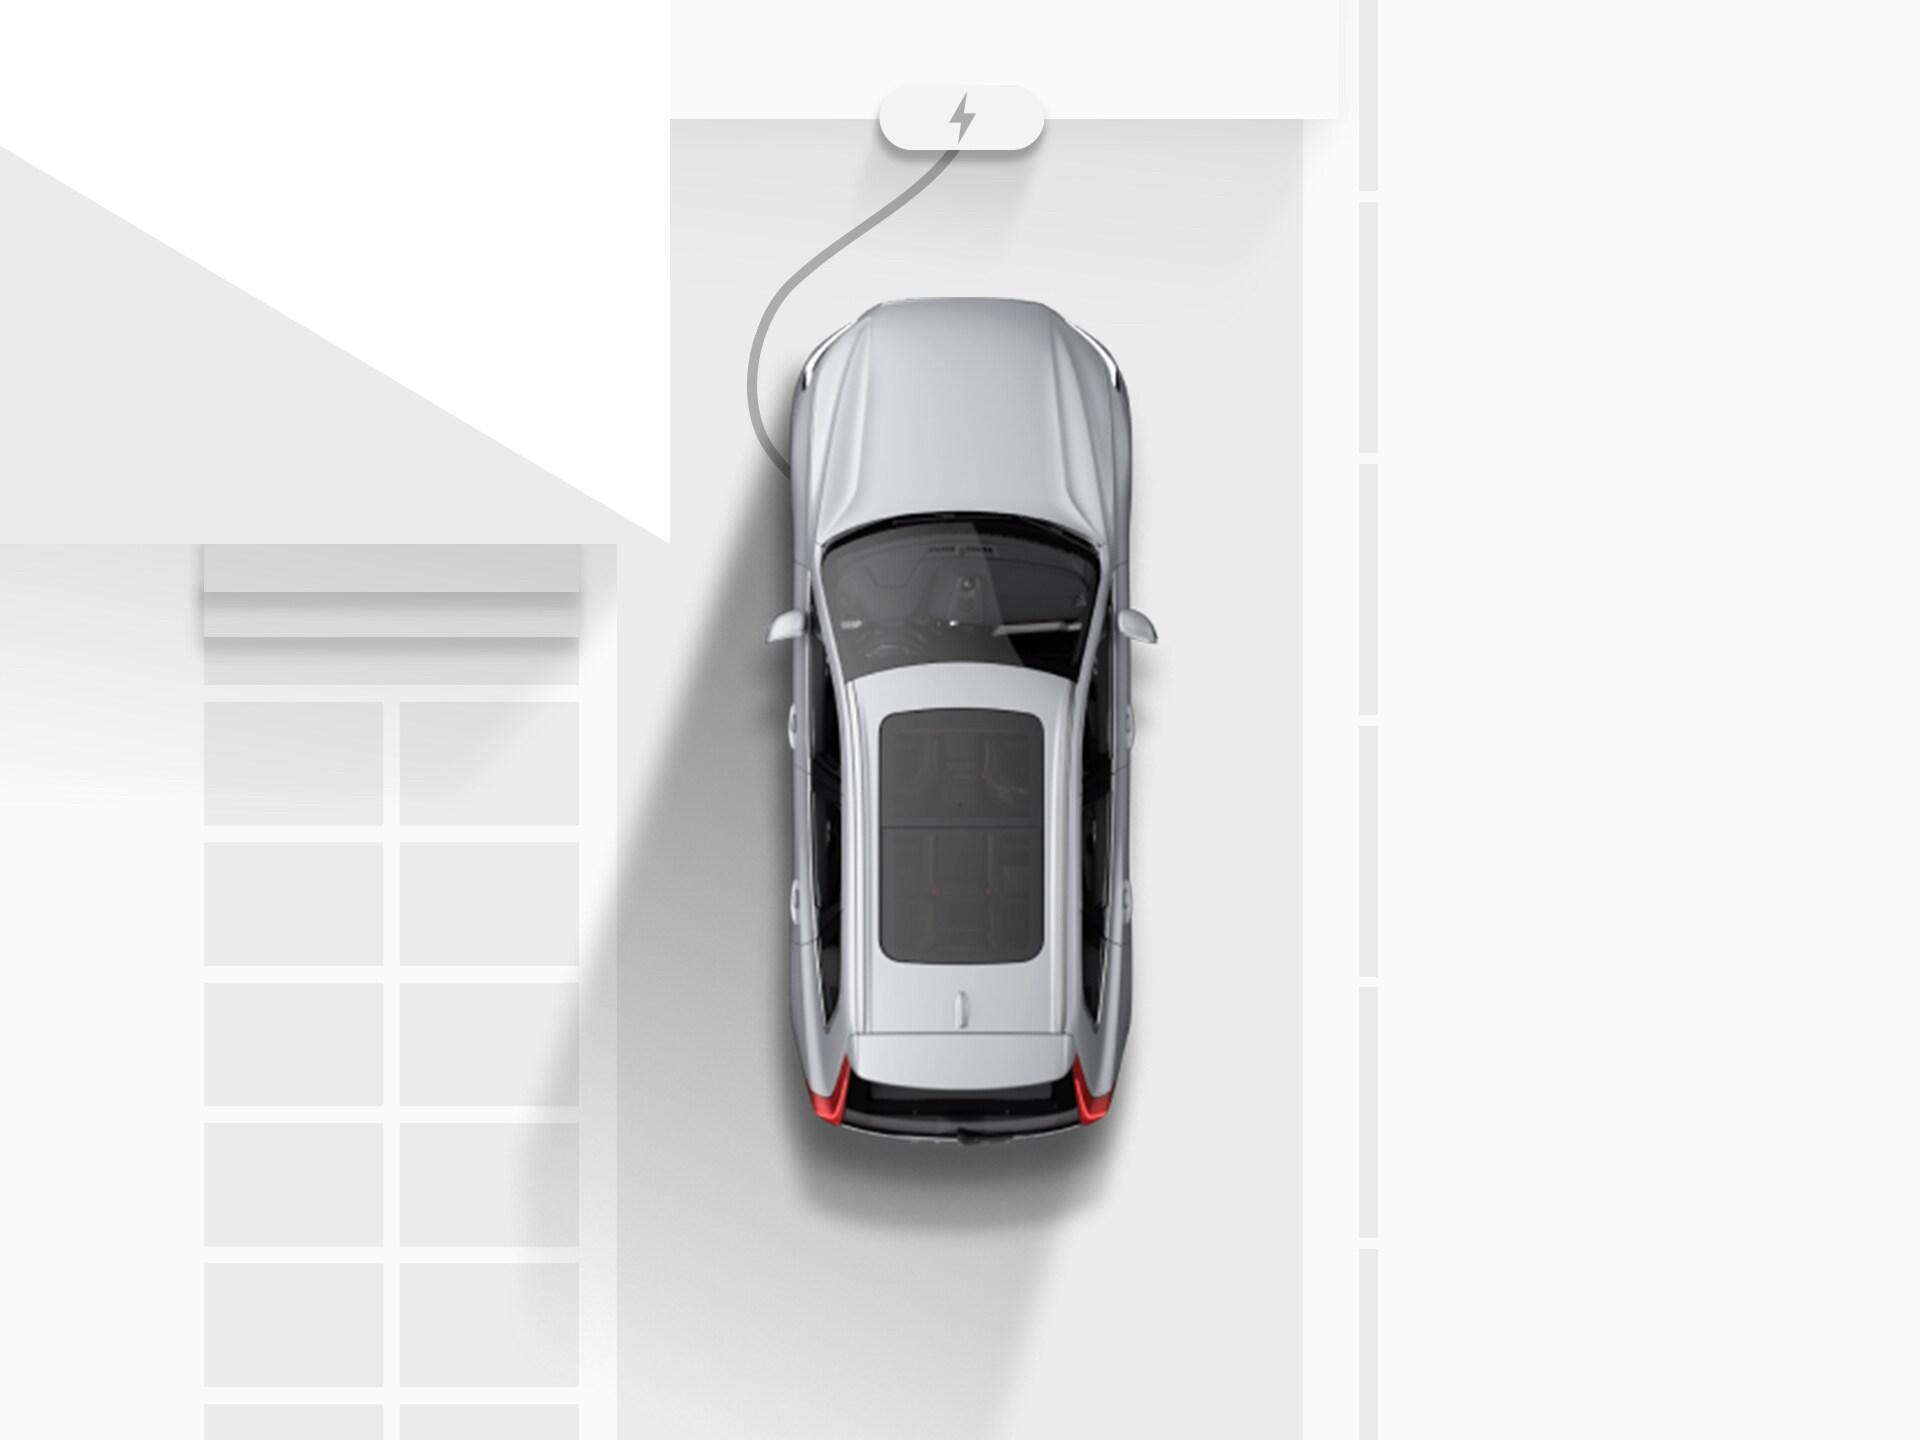 Digitalni crtež s prikazom odozgo srebrnog potpuno električnog SUV modela Volvo XC40 Recharge priključenog na punjenje na prilaznom putu kuće.